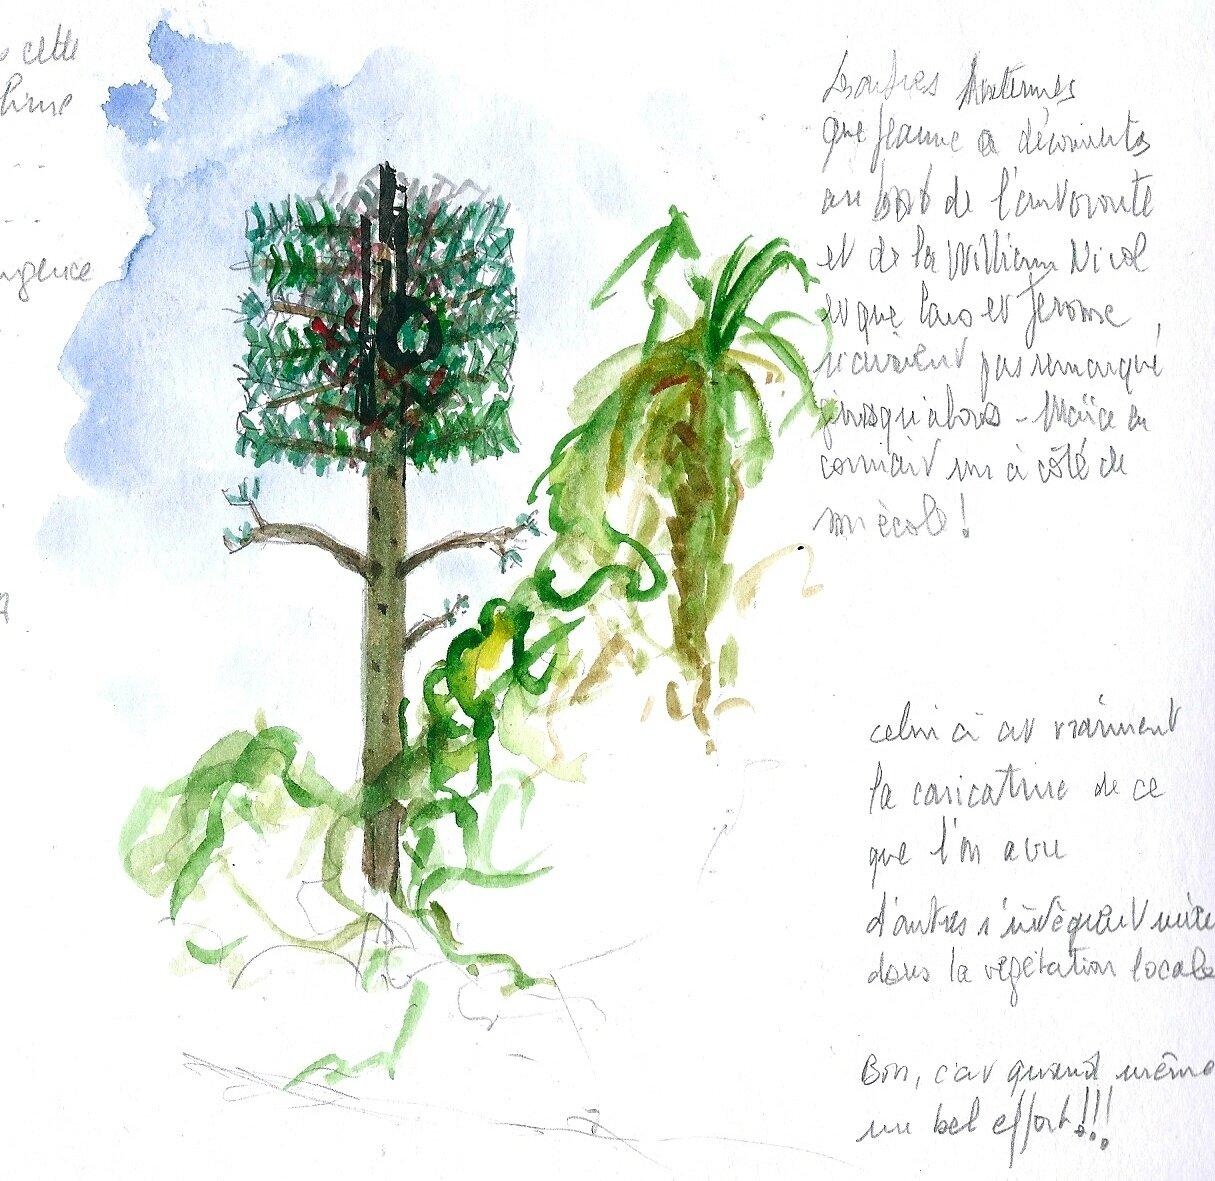 l 'arbre antenne